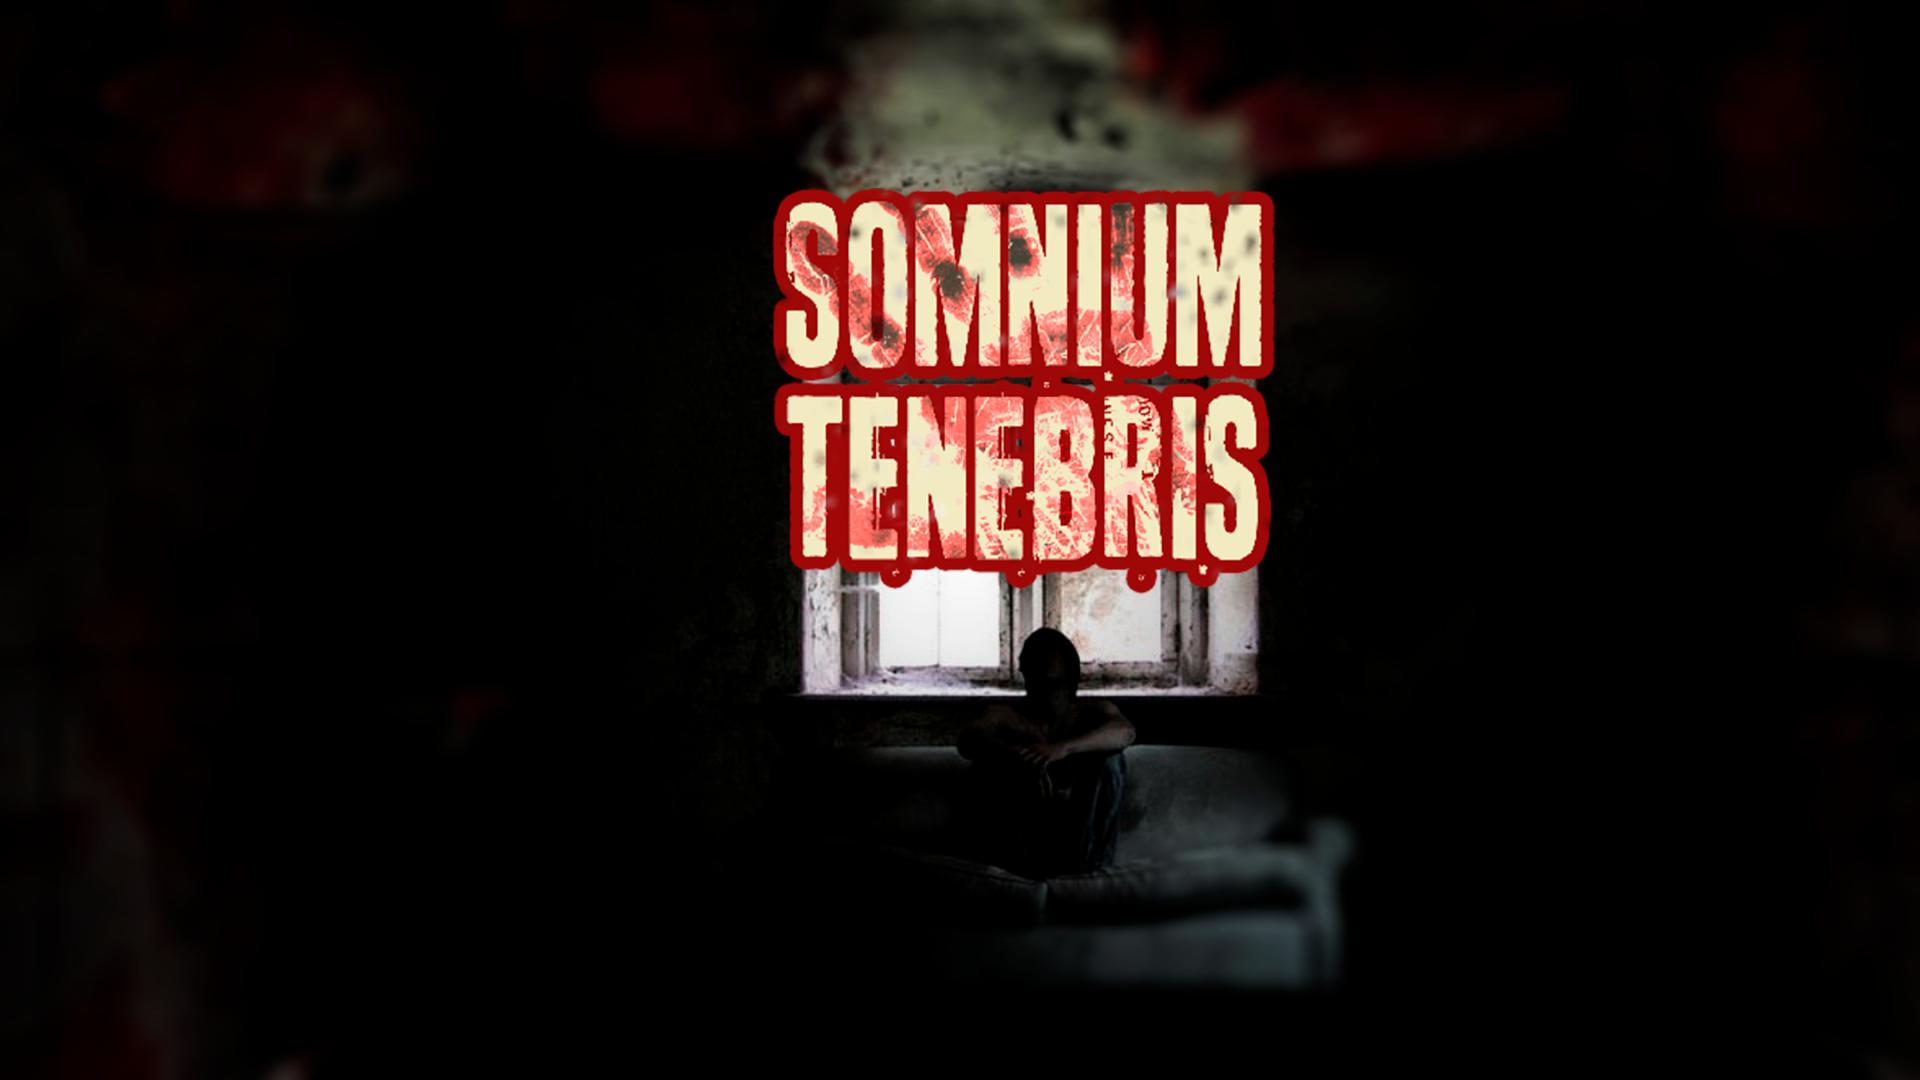 Somnium Tenebris